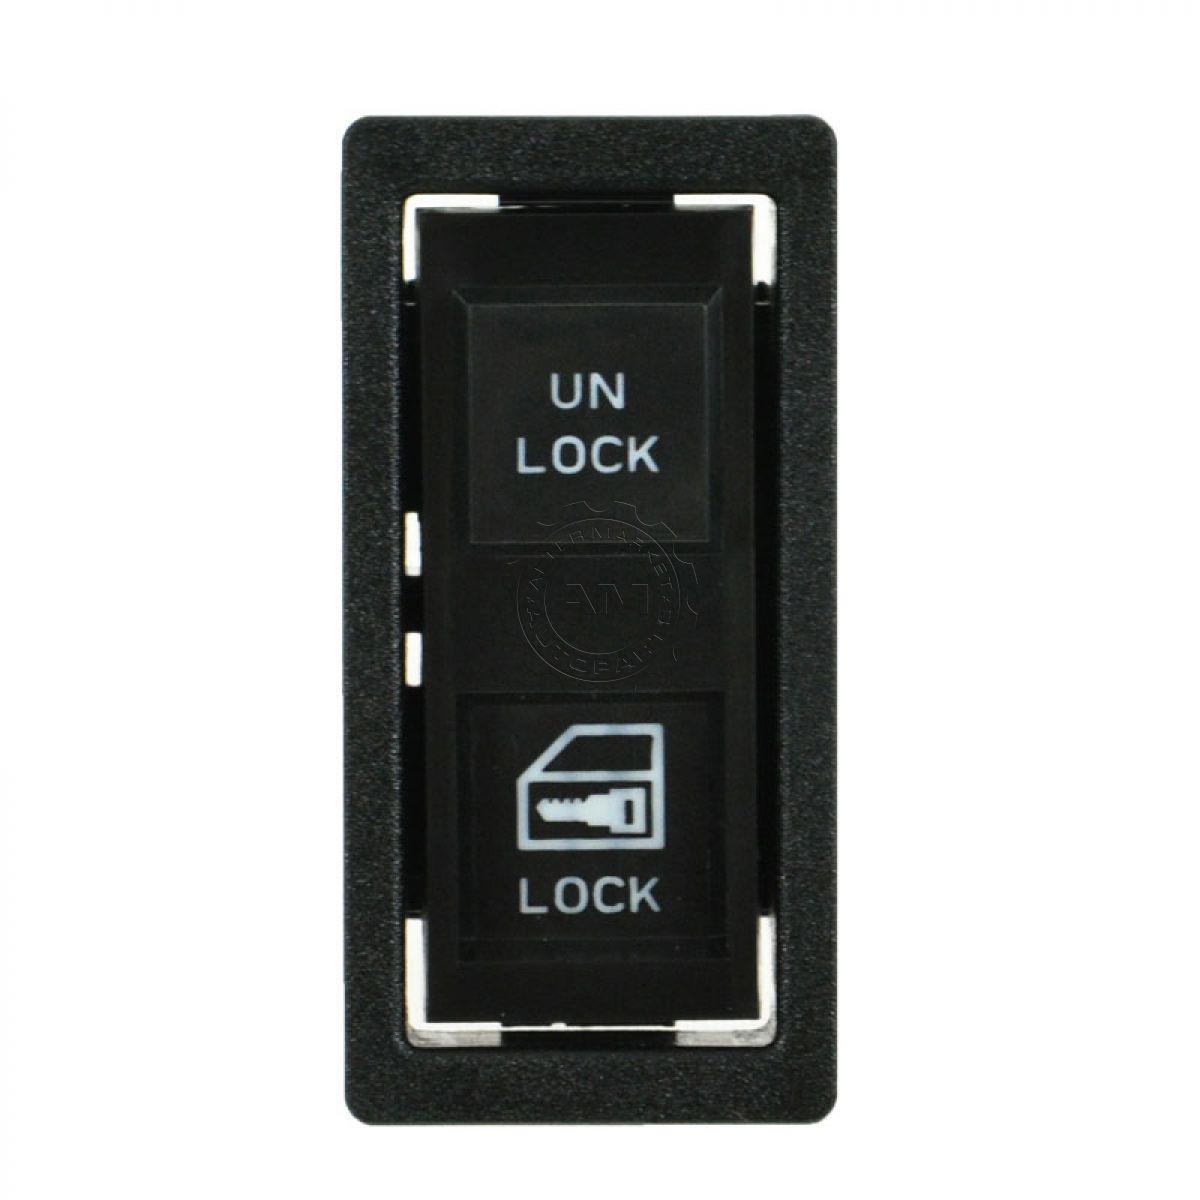 Door Lock Switch New for Chevy Suburban Chevrolet C1500 Truck K1500 DS-1448